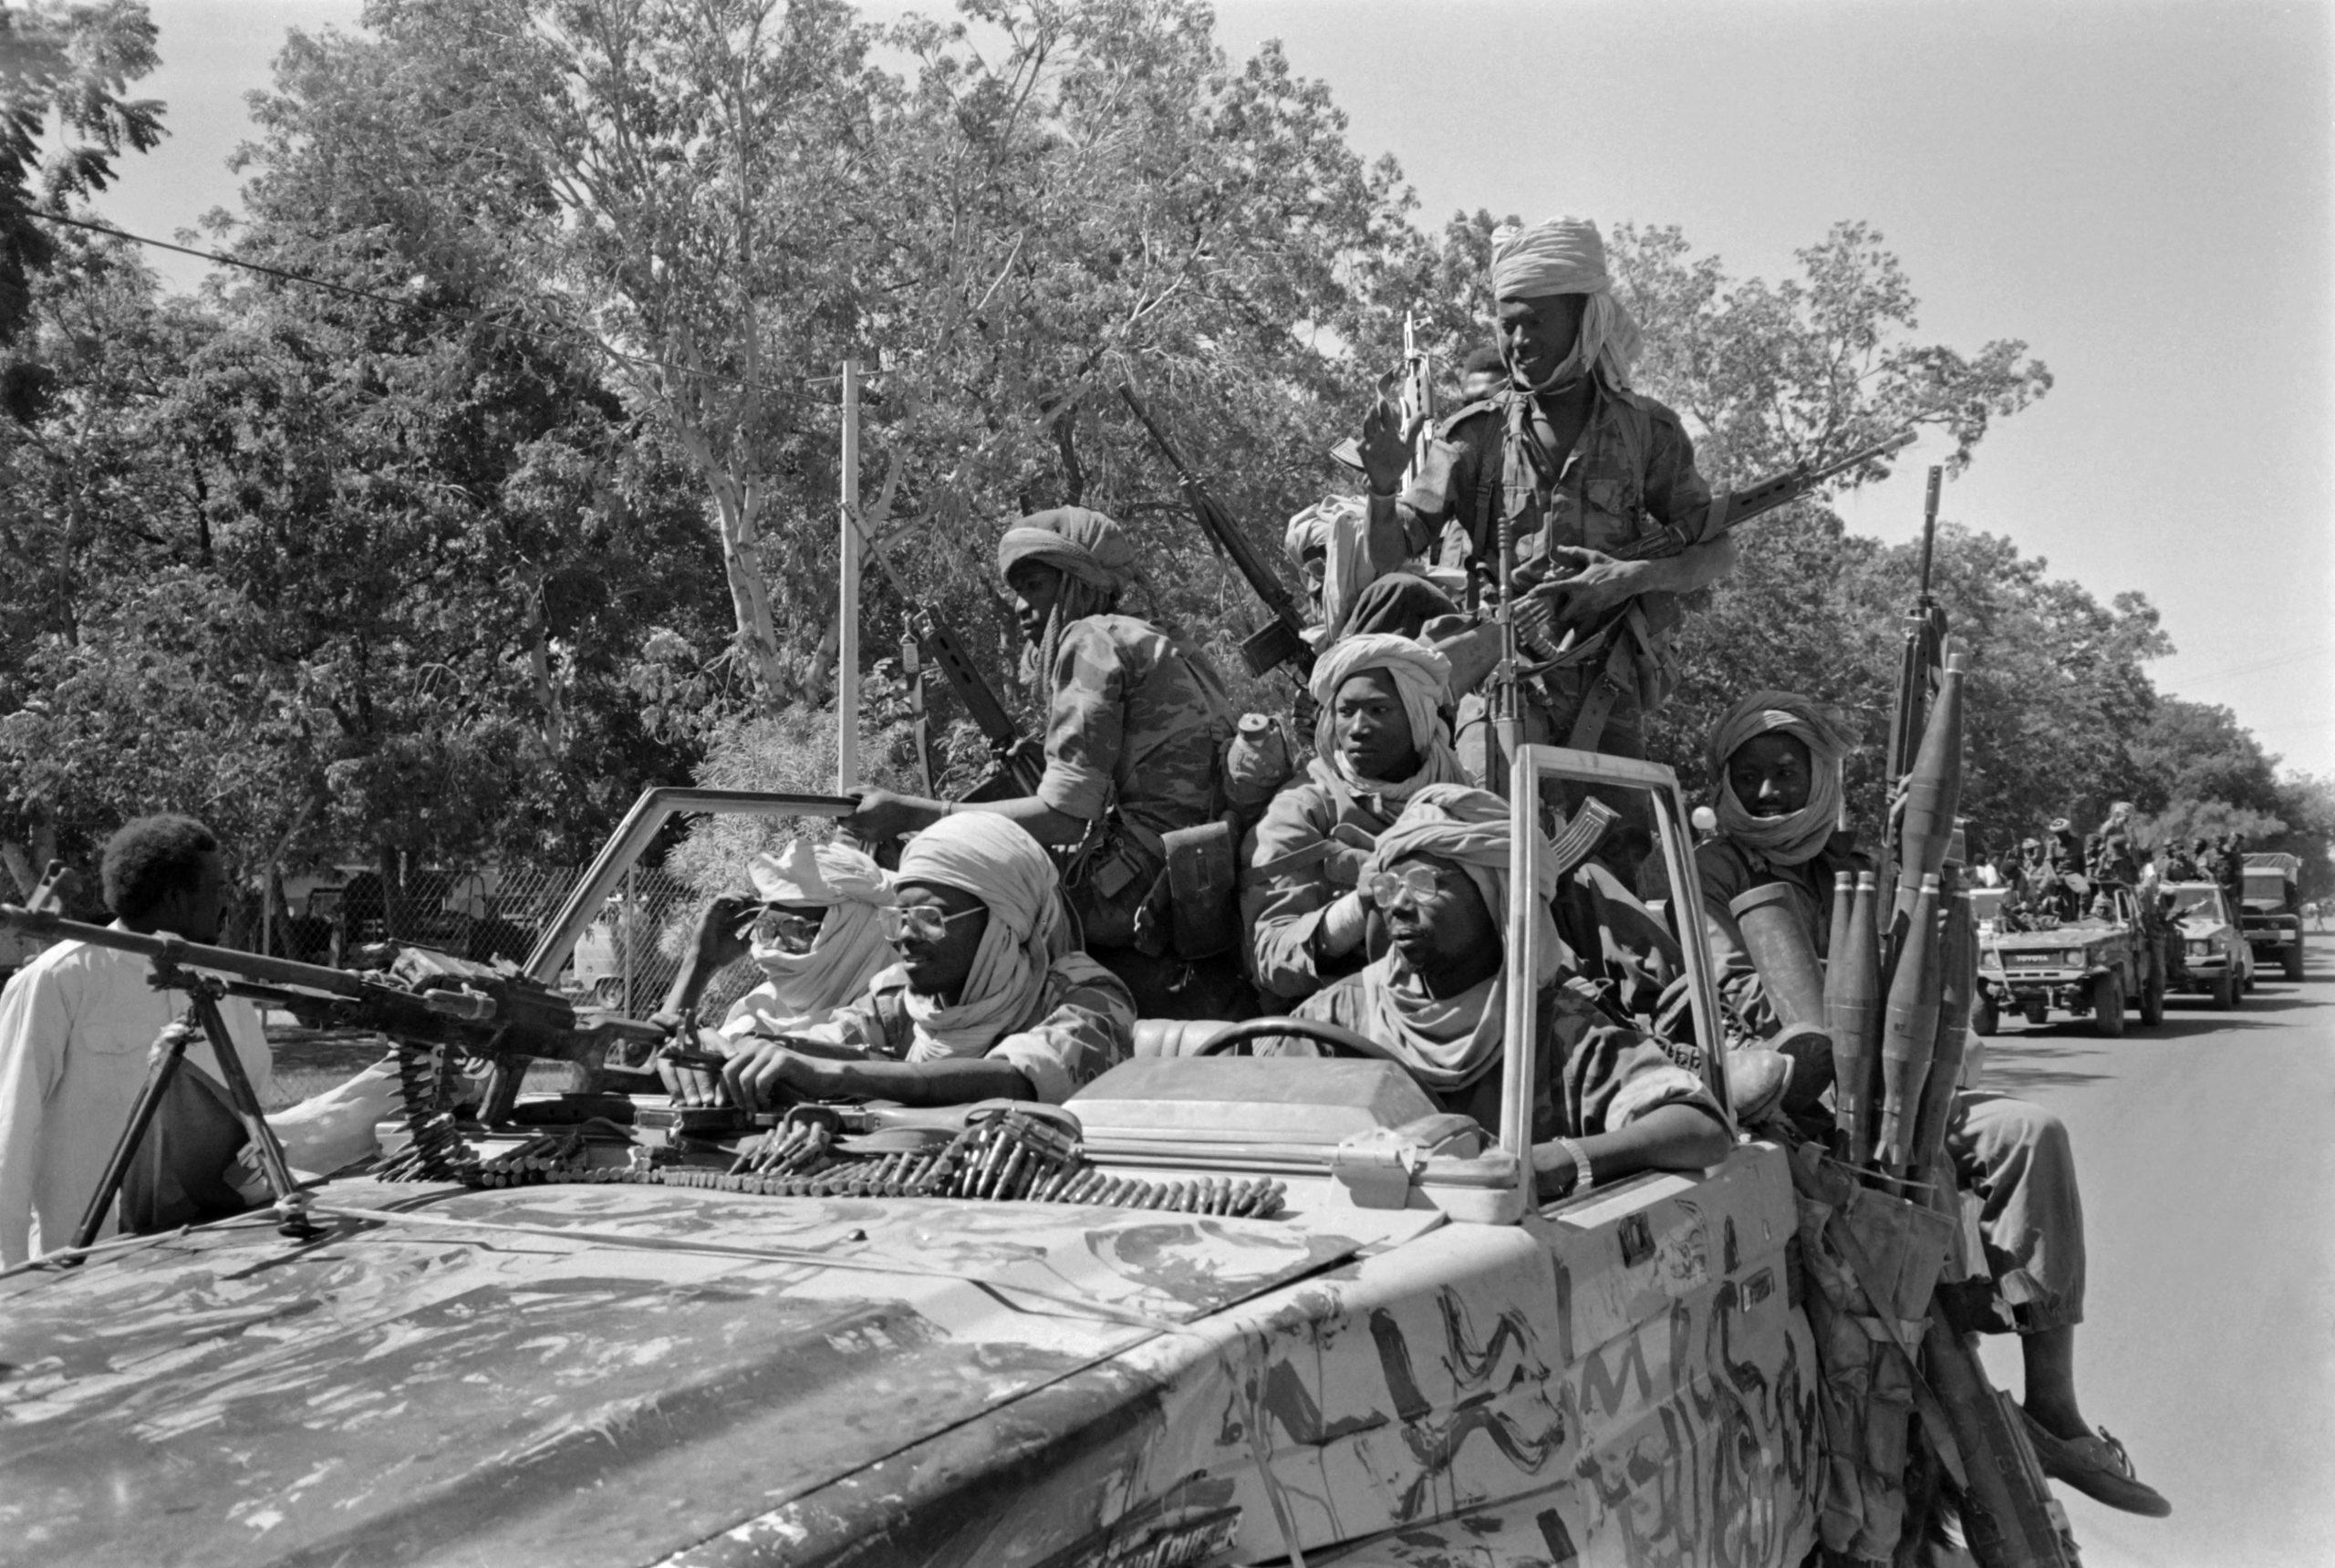 Le 2 décembre 1990, les troupes d'Idriss Déby Itno entrent dans N'Djamena, qu'a fui le président Hissène Habré deux jours plus tôt.